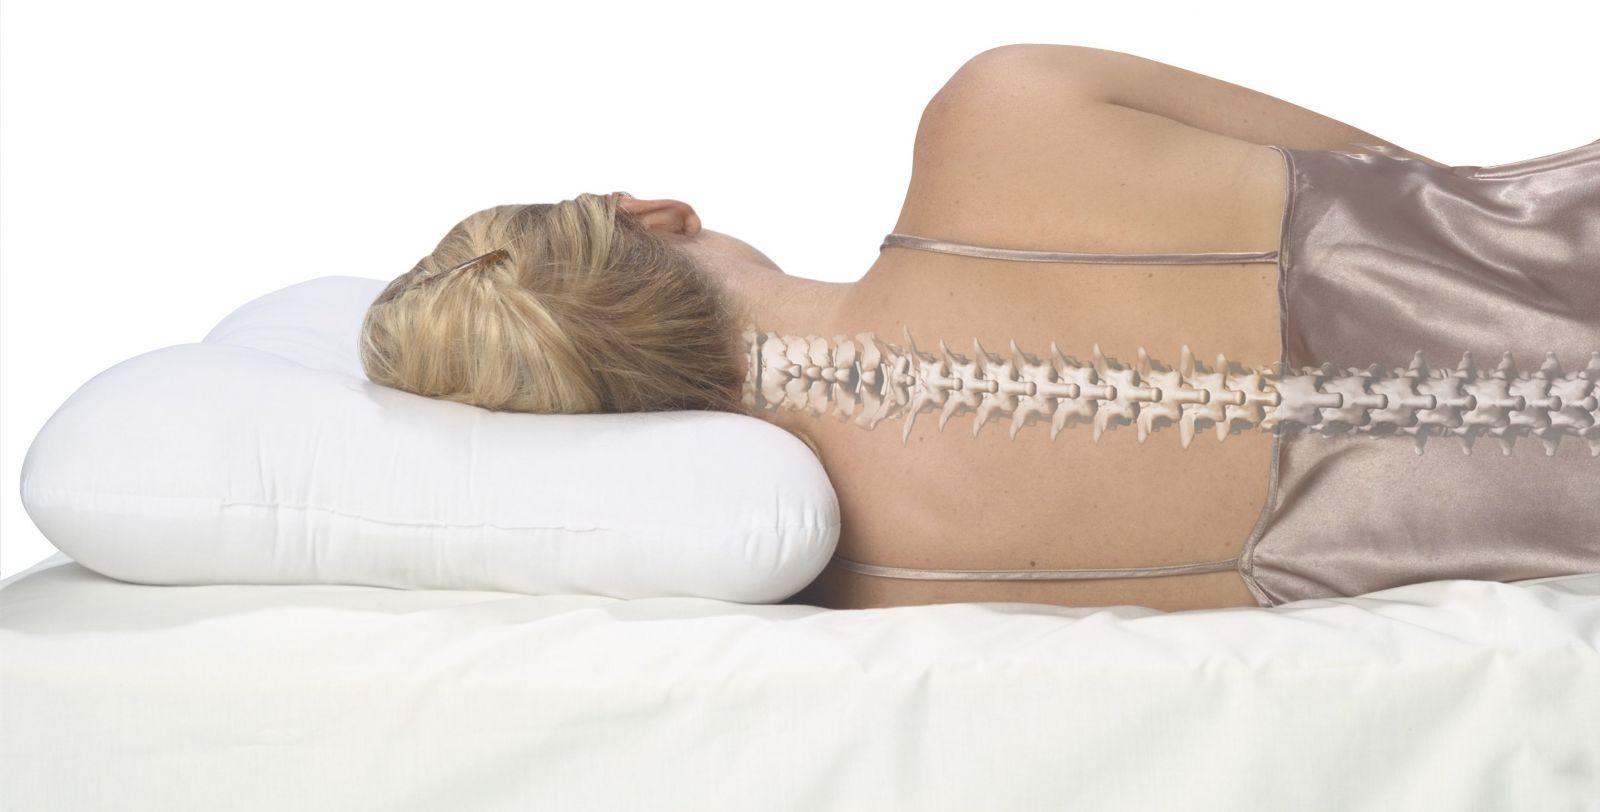 Как спать при грыже поясничного и шейного отдела позвоночника: как выбрать ортопедический матрас и подушку{q}